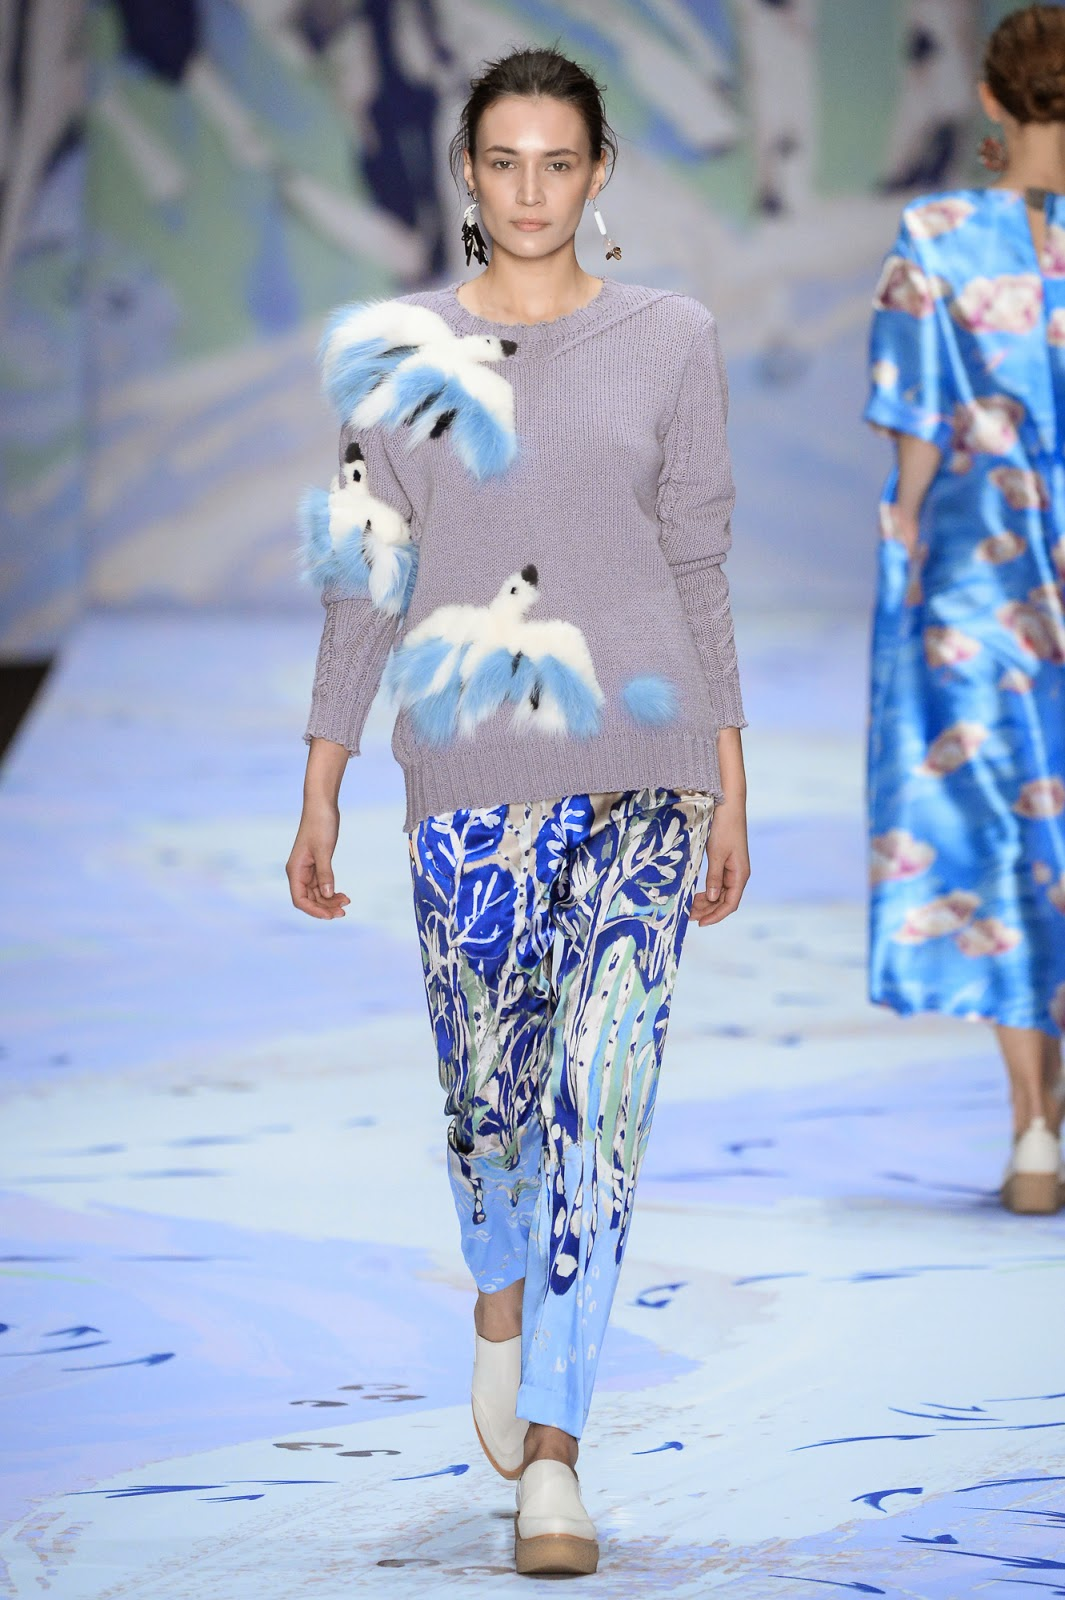 Вязание спицами что будет модно зимой 2016 999